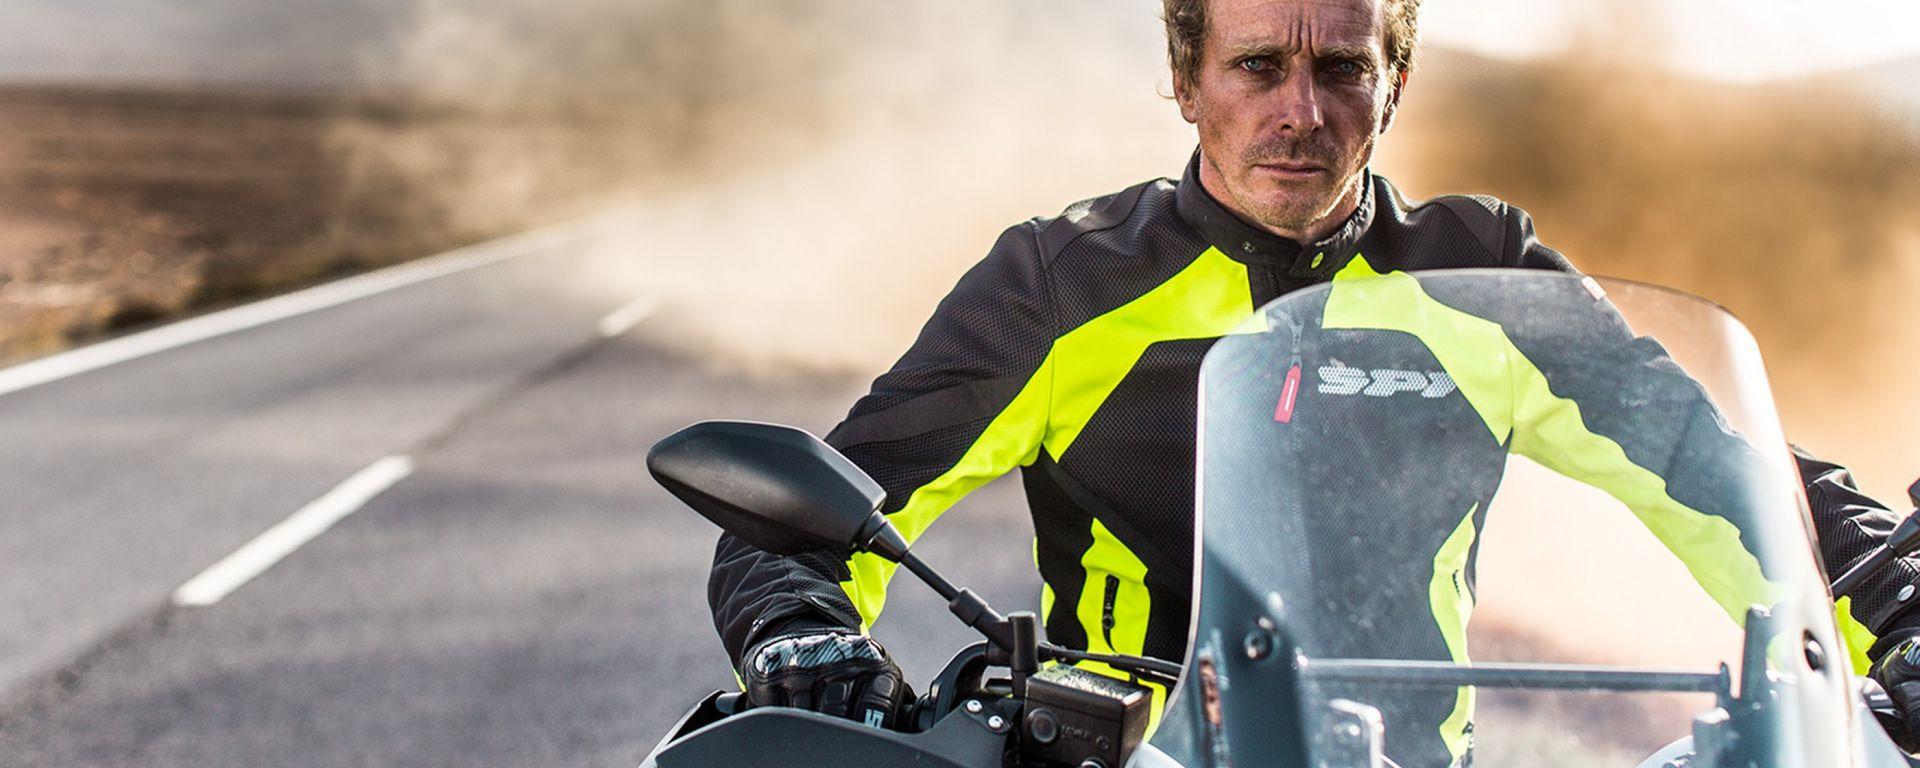 Spidi Netstream, la giacca per l'estate in moto